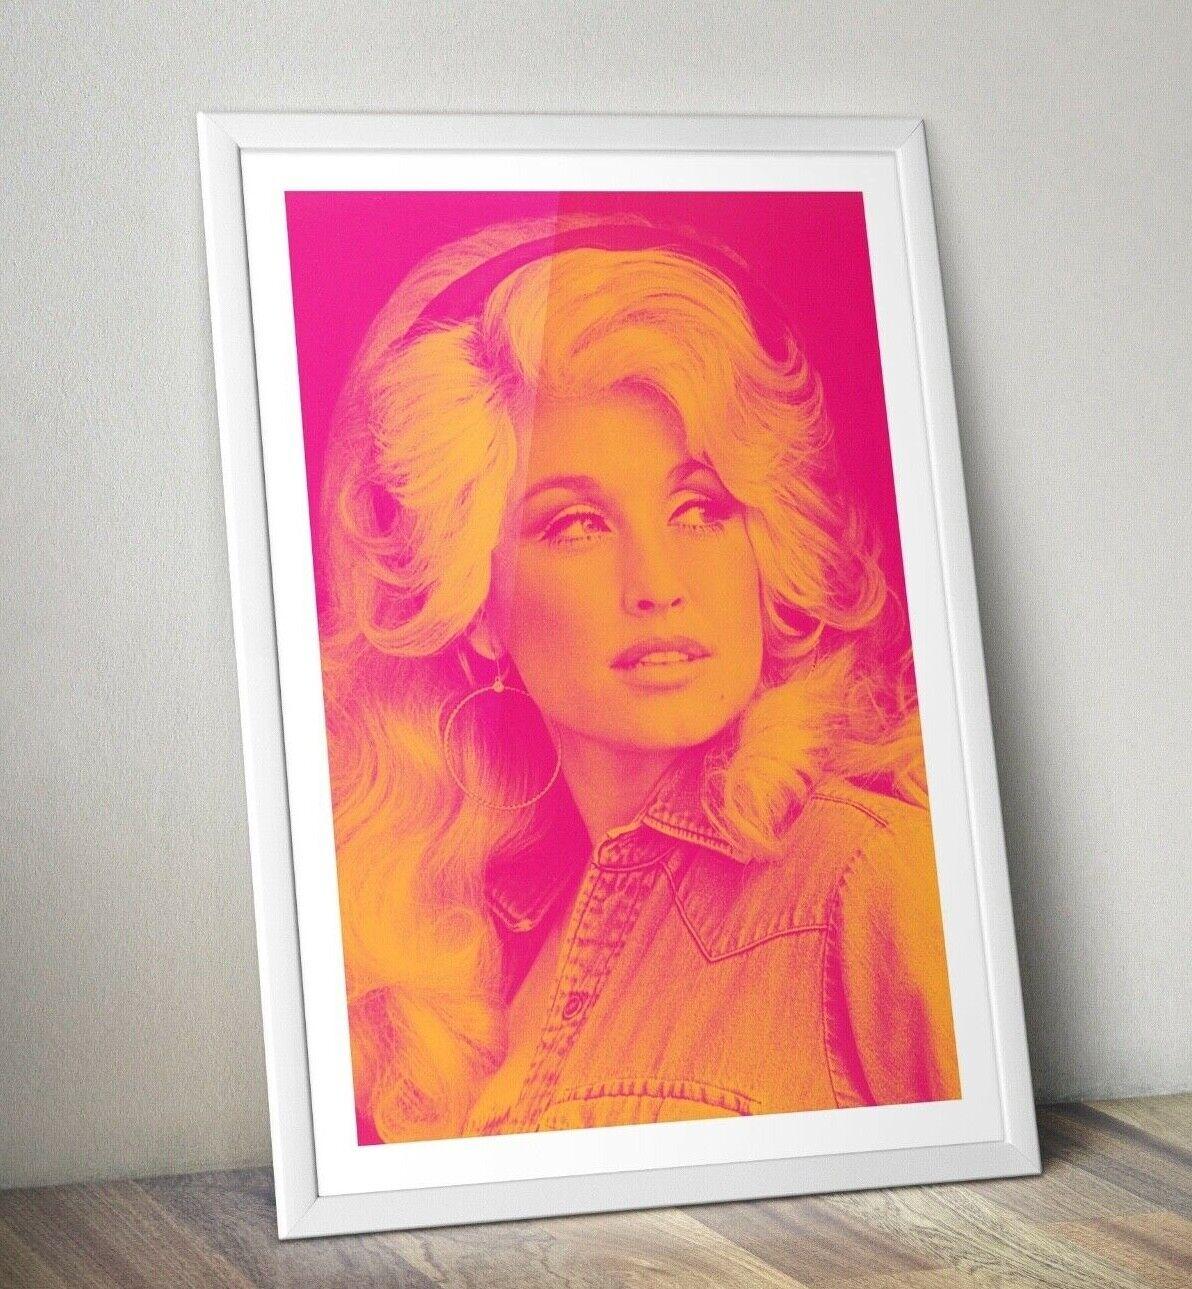 dolly parton pop art print dolly parton print dolly parton poster